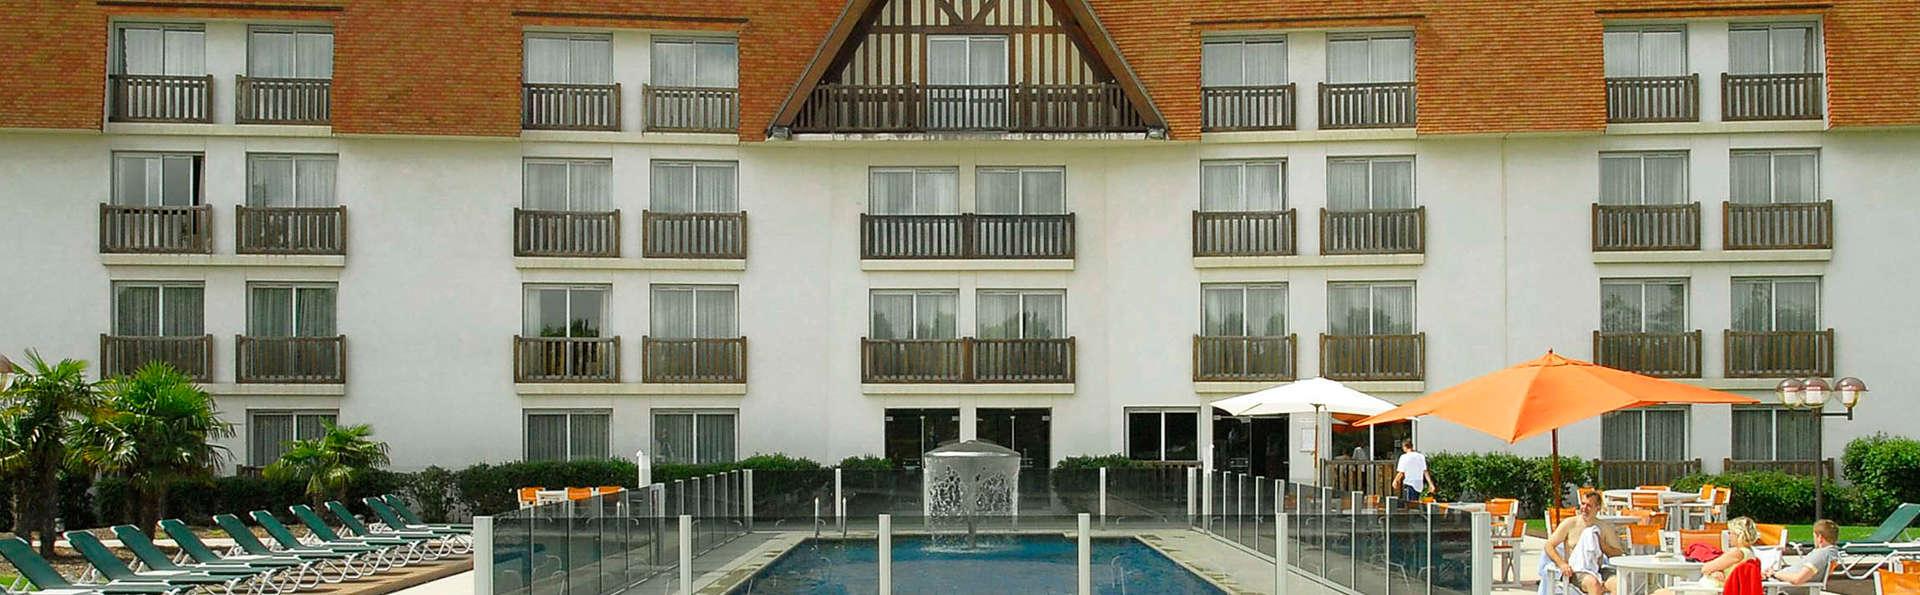 Amirauté Hôtel Golf & Spa Deauville - EDIT_garden.jpg